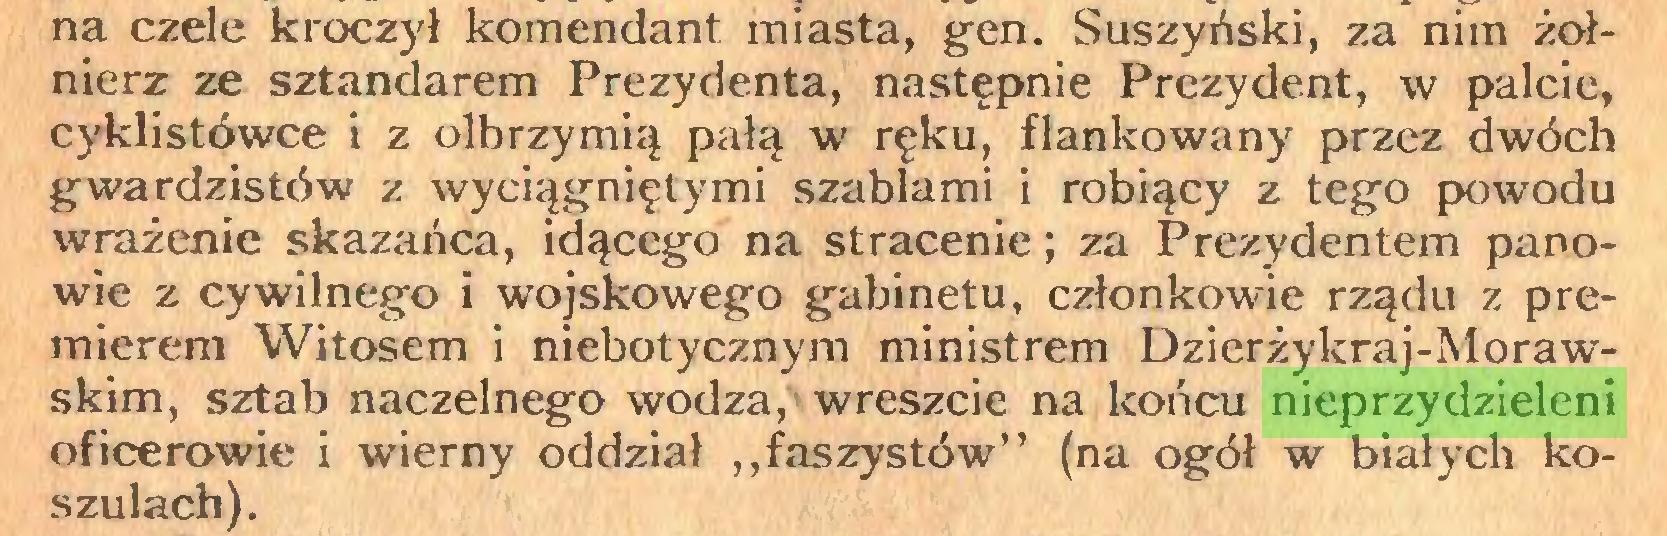 """(...) na czele kroczył komendant miasta, gen. Suszyński, za nim żołnierz ze sztandarem Prezydenta, następnie Prezydent, w palcie, cyklistówce i z olbrzymią pałą w ręku, flankowany przez dwóch gwardzistów z wyciągniętymi szablami i robiący z tego powodu wrażenie skazańca, idącego na stracenie; za Prezydentem panowie z cywilnego i wojskowego gabinetu, członkowie rządu z premierem Witosem i niebotycznym ministrem Dzierżykraj-Morawskim, sztab naczelnego wodza, wreszcie na końcu nieprzydzieleni oficerowie i wierny oddział ,,faszystów"""" (na ogół w białych koszulach)..."""